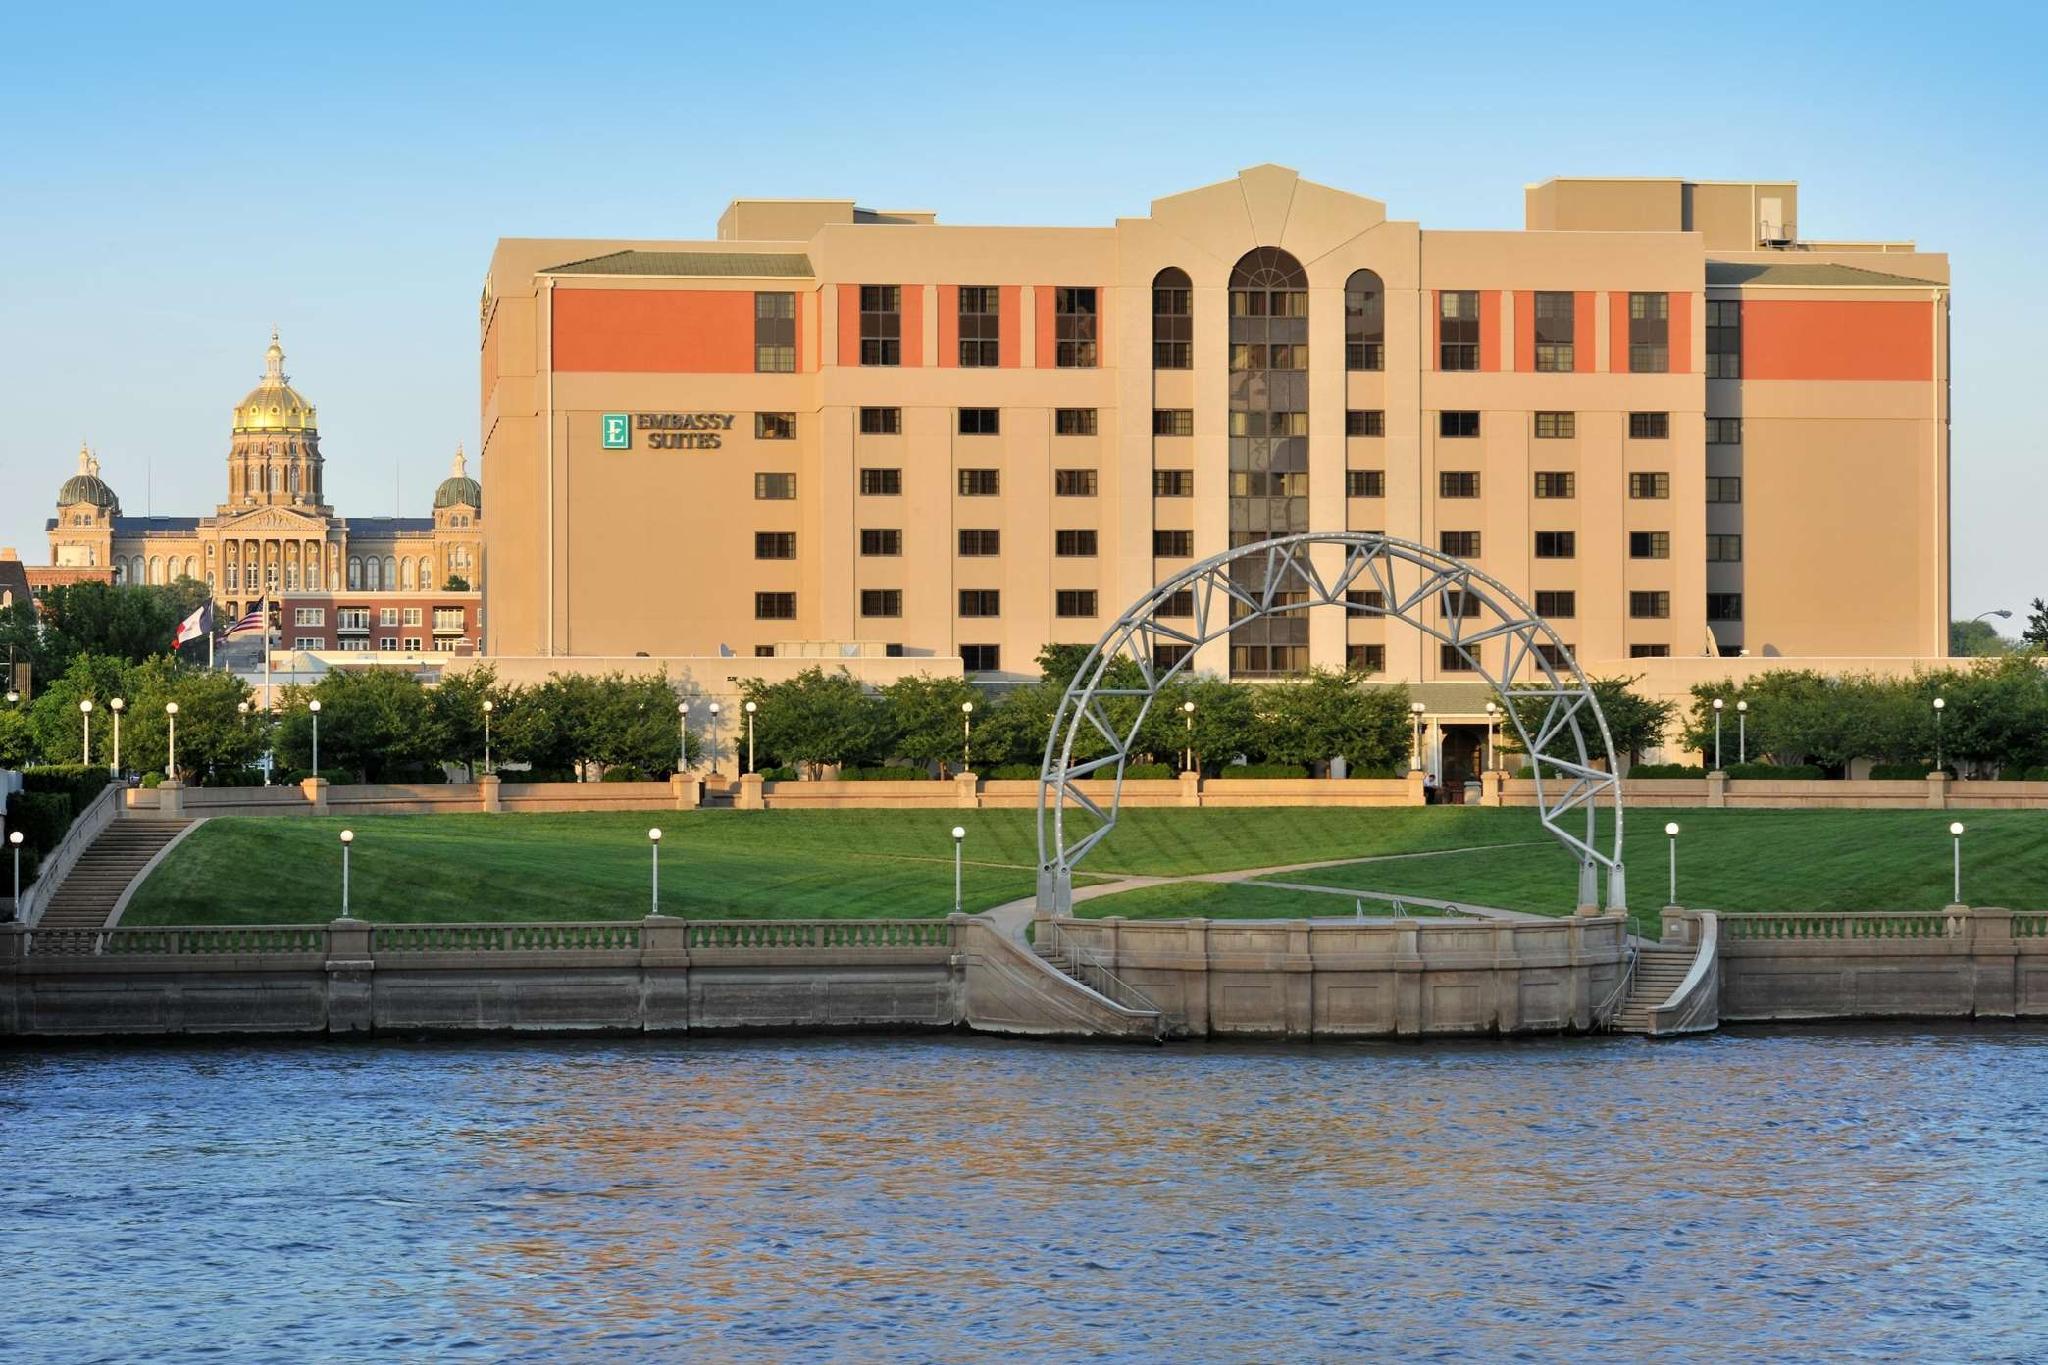 Embassy Suites by Hilton Des Moines Downtown Des Moines